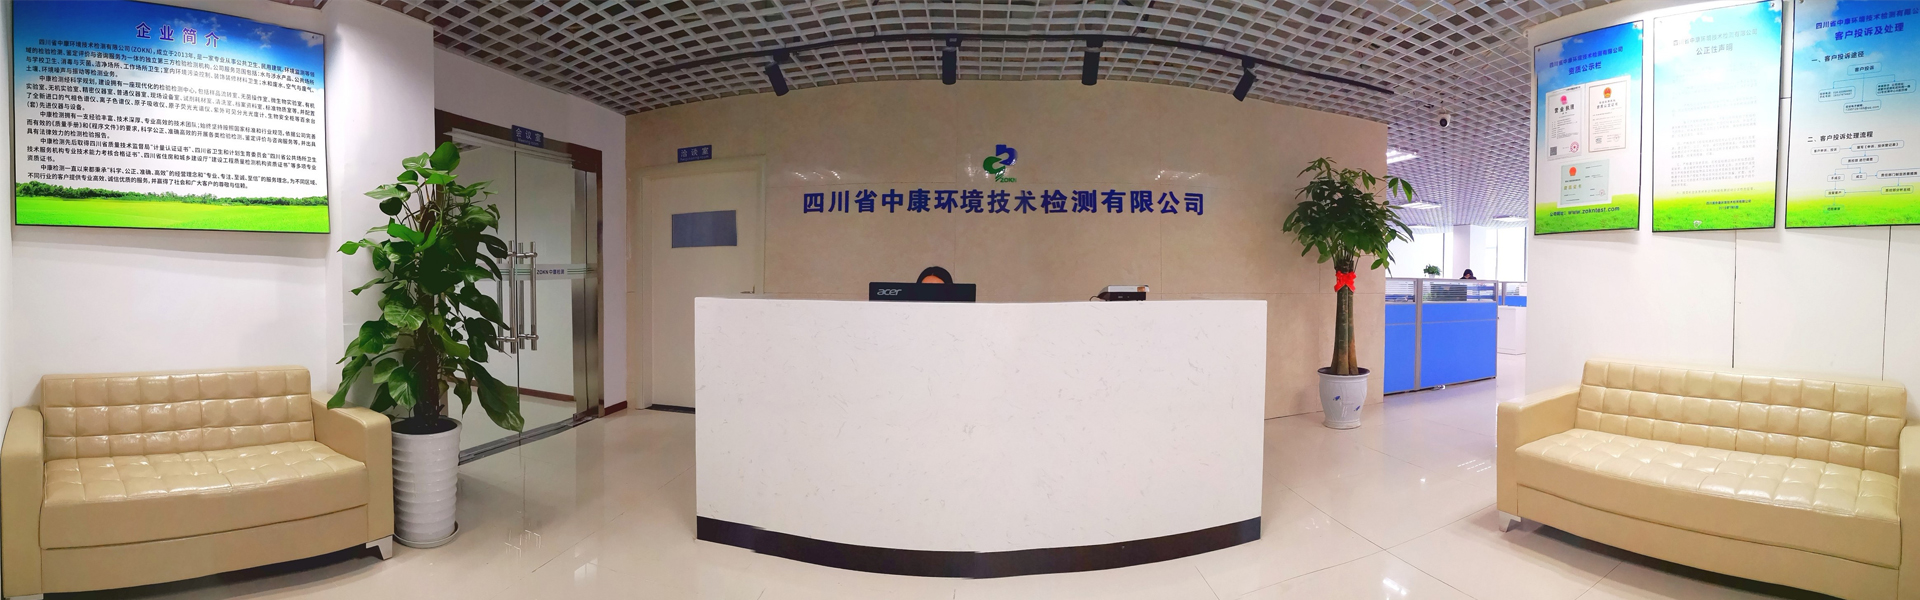 四川省中康环境技术beplay官网APP有限公司